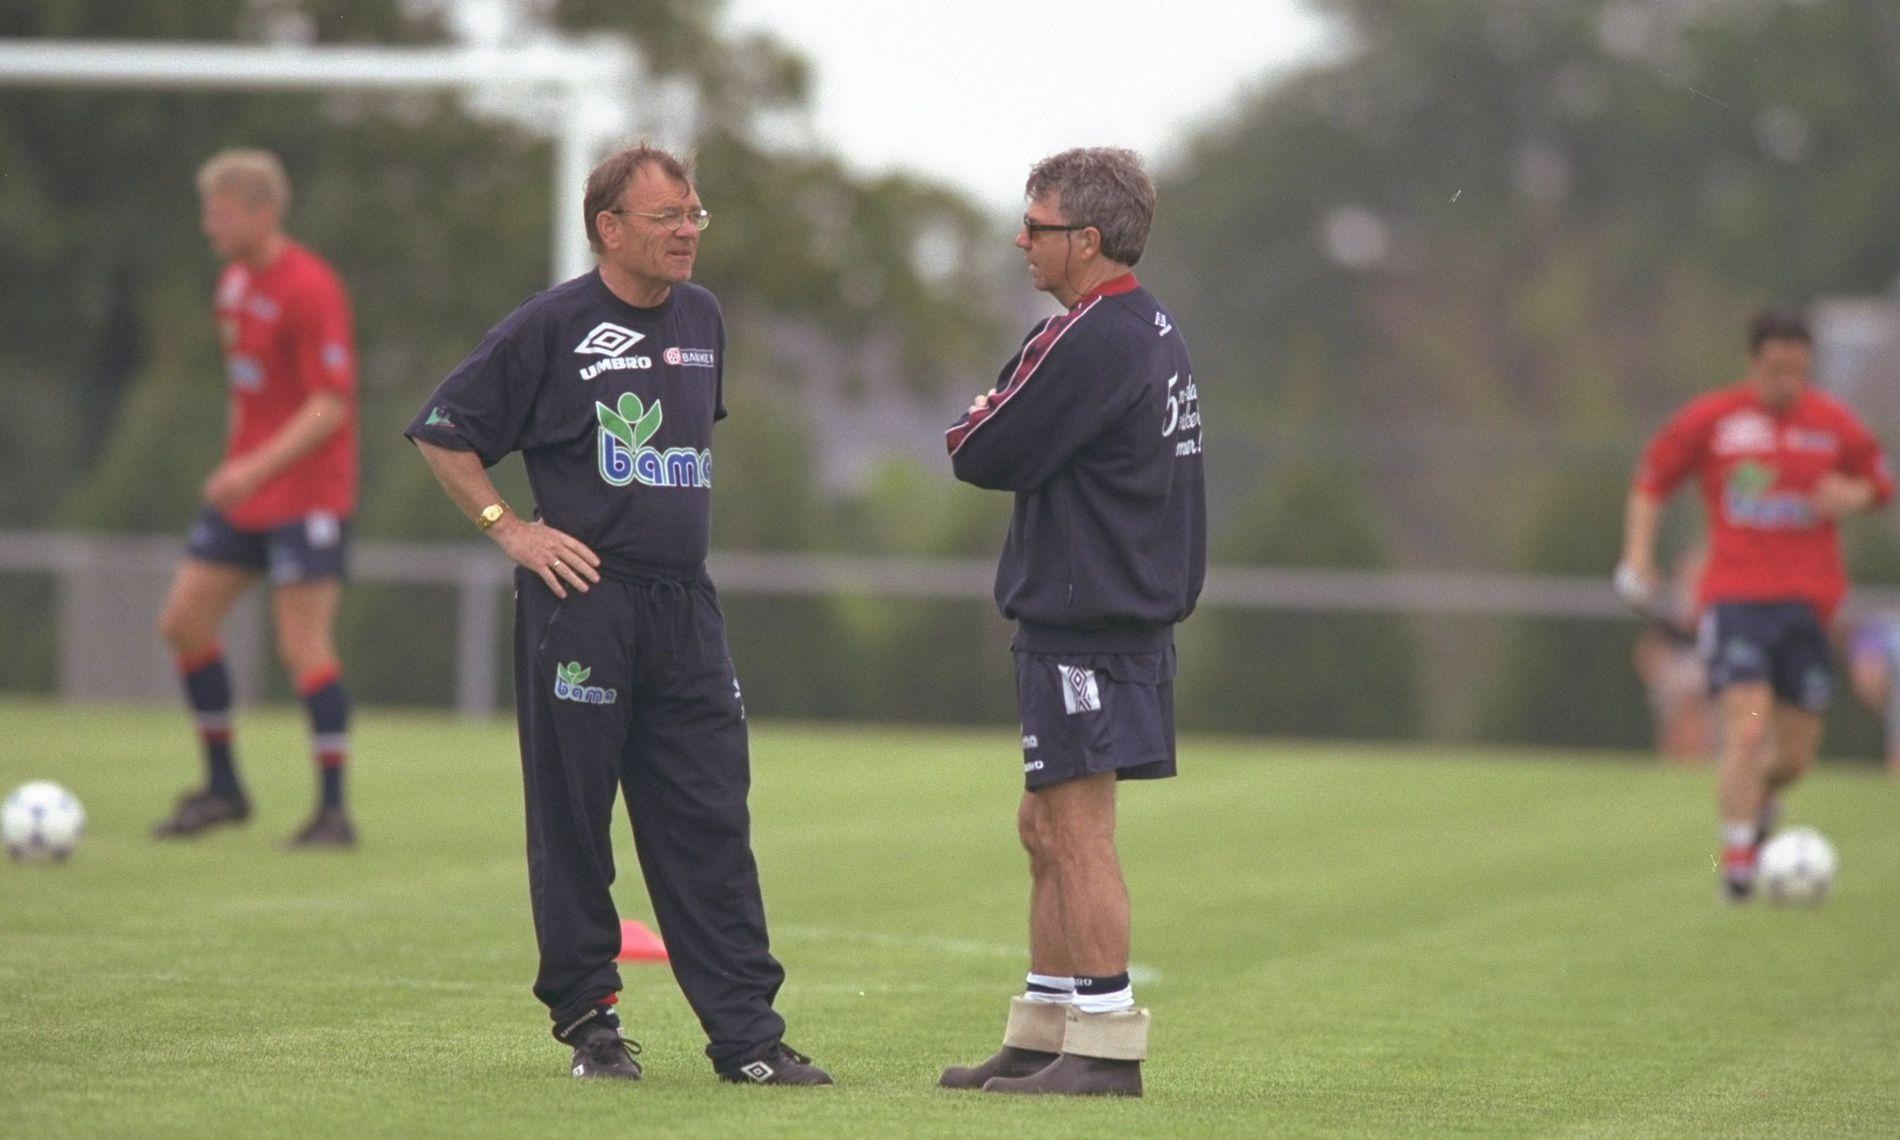 TETT SAMARBEID: Bjørn Hansen var Egil Olsens assistent under VM i 1998. I bakgrunnen Jostein Flo (til venstre) og Øyvind Leonhardsen.